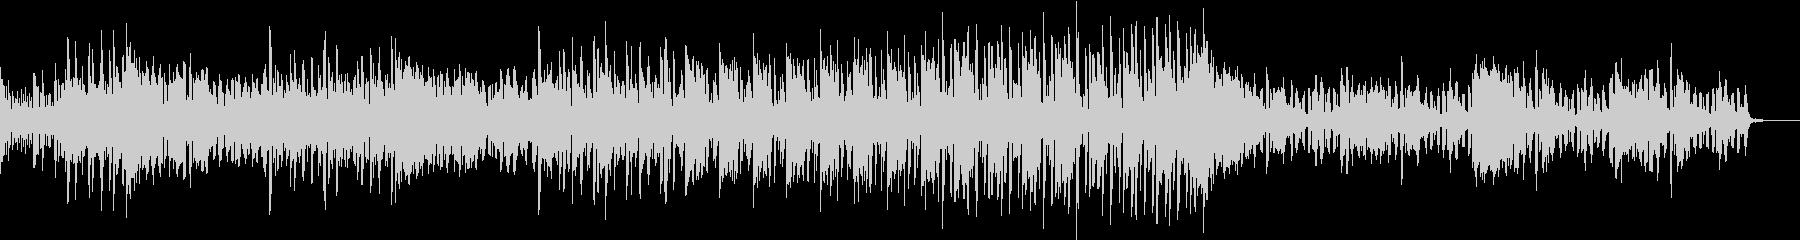 電子音を使った疾走感のあるテクノの未再生の波形